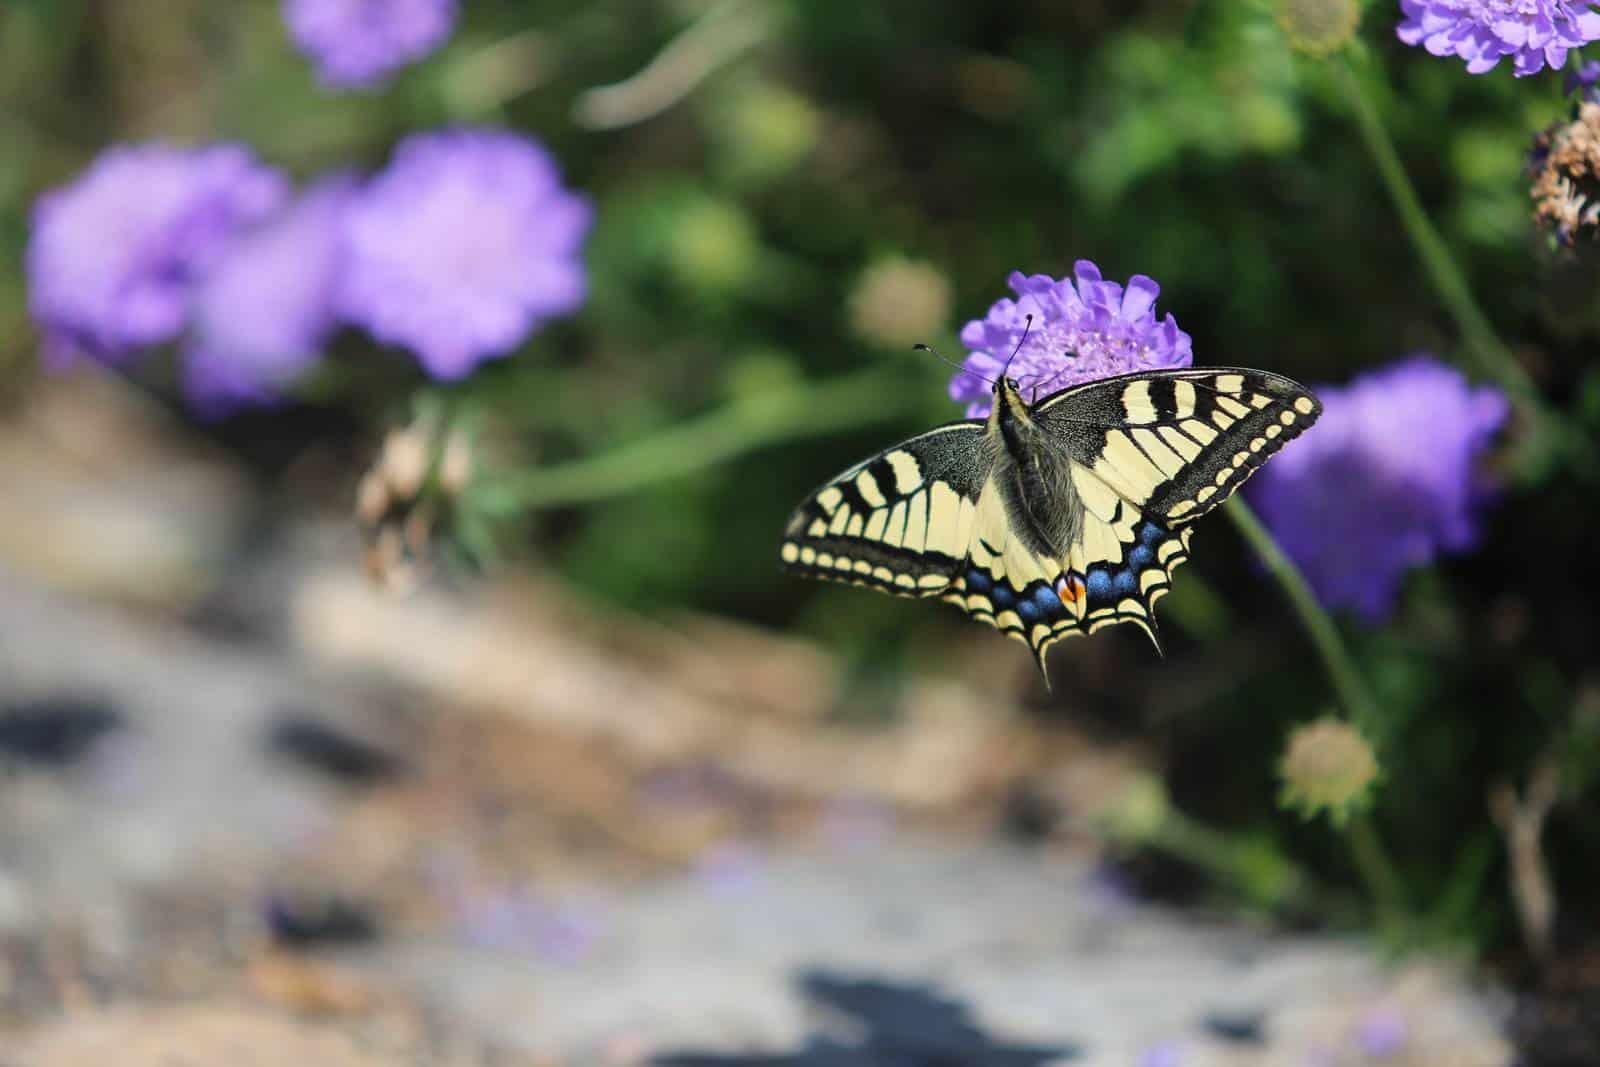 Un papillon sur les fleurs - gîte rural de Haute Forêt en Vallée du Loir